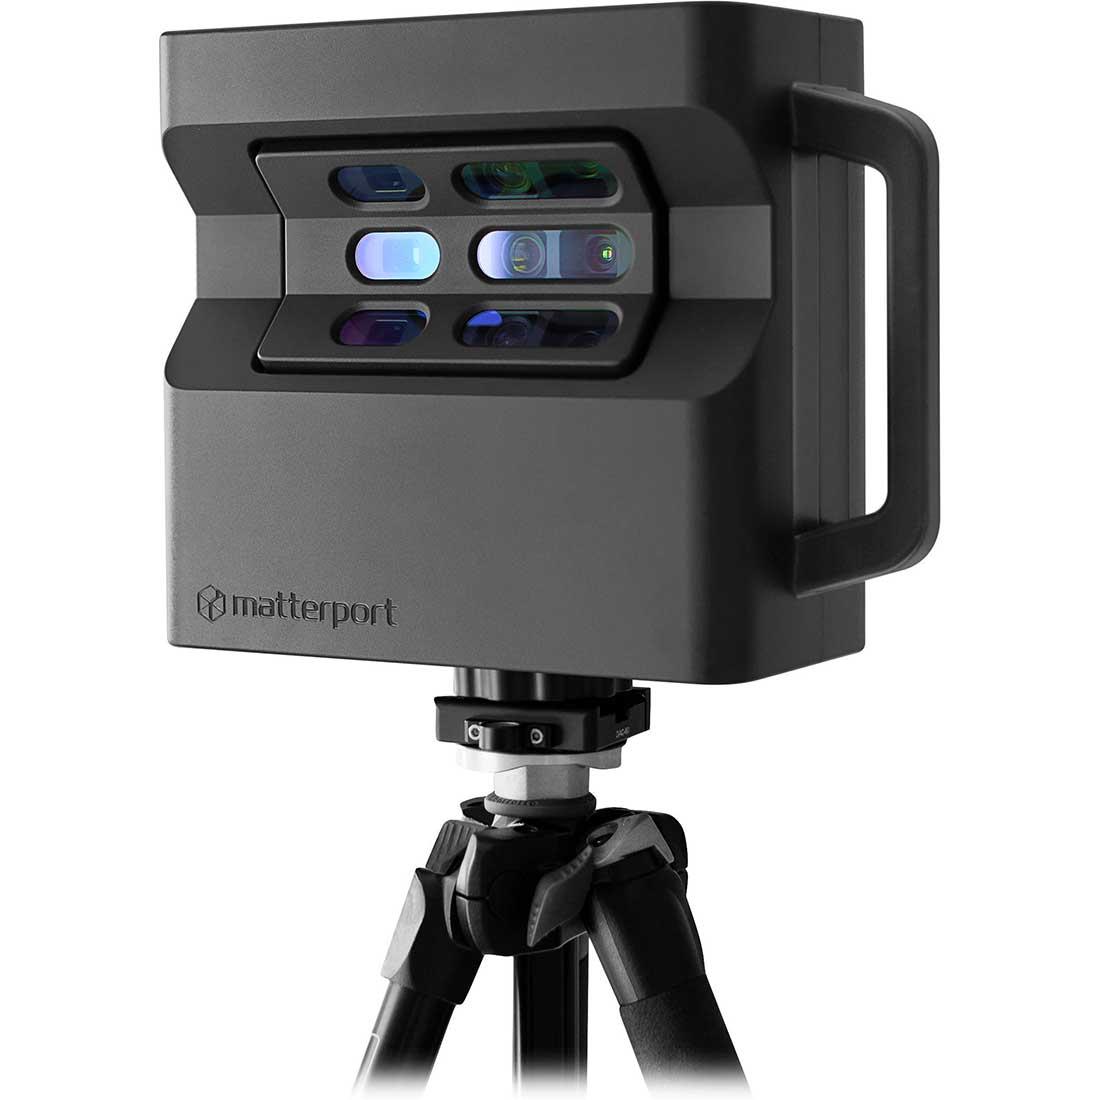 Camera Matterport Pro 2 pentru capturi profesionale, realizarea de filmări pentru crearea tururilor virtuale şi a prezentărilor de imobile